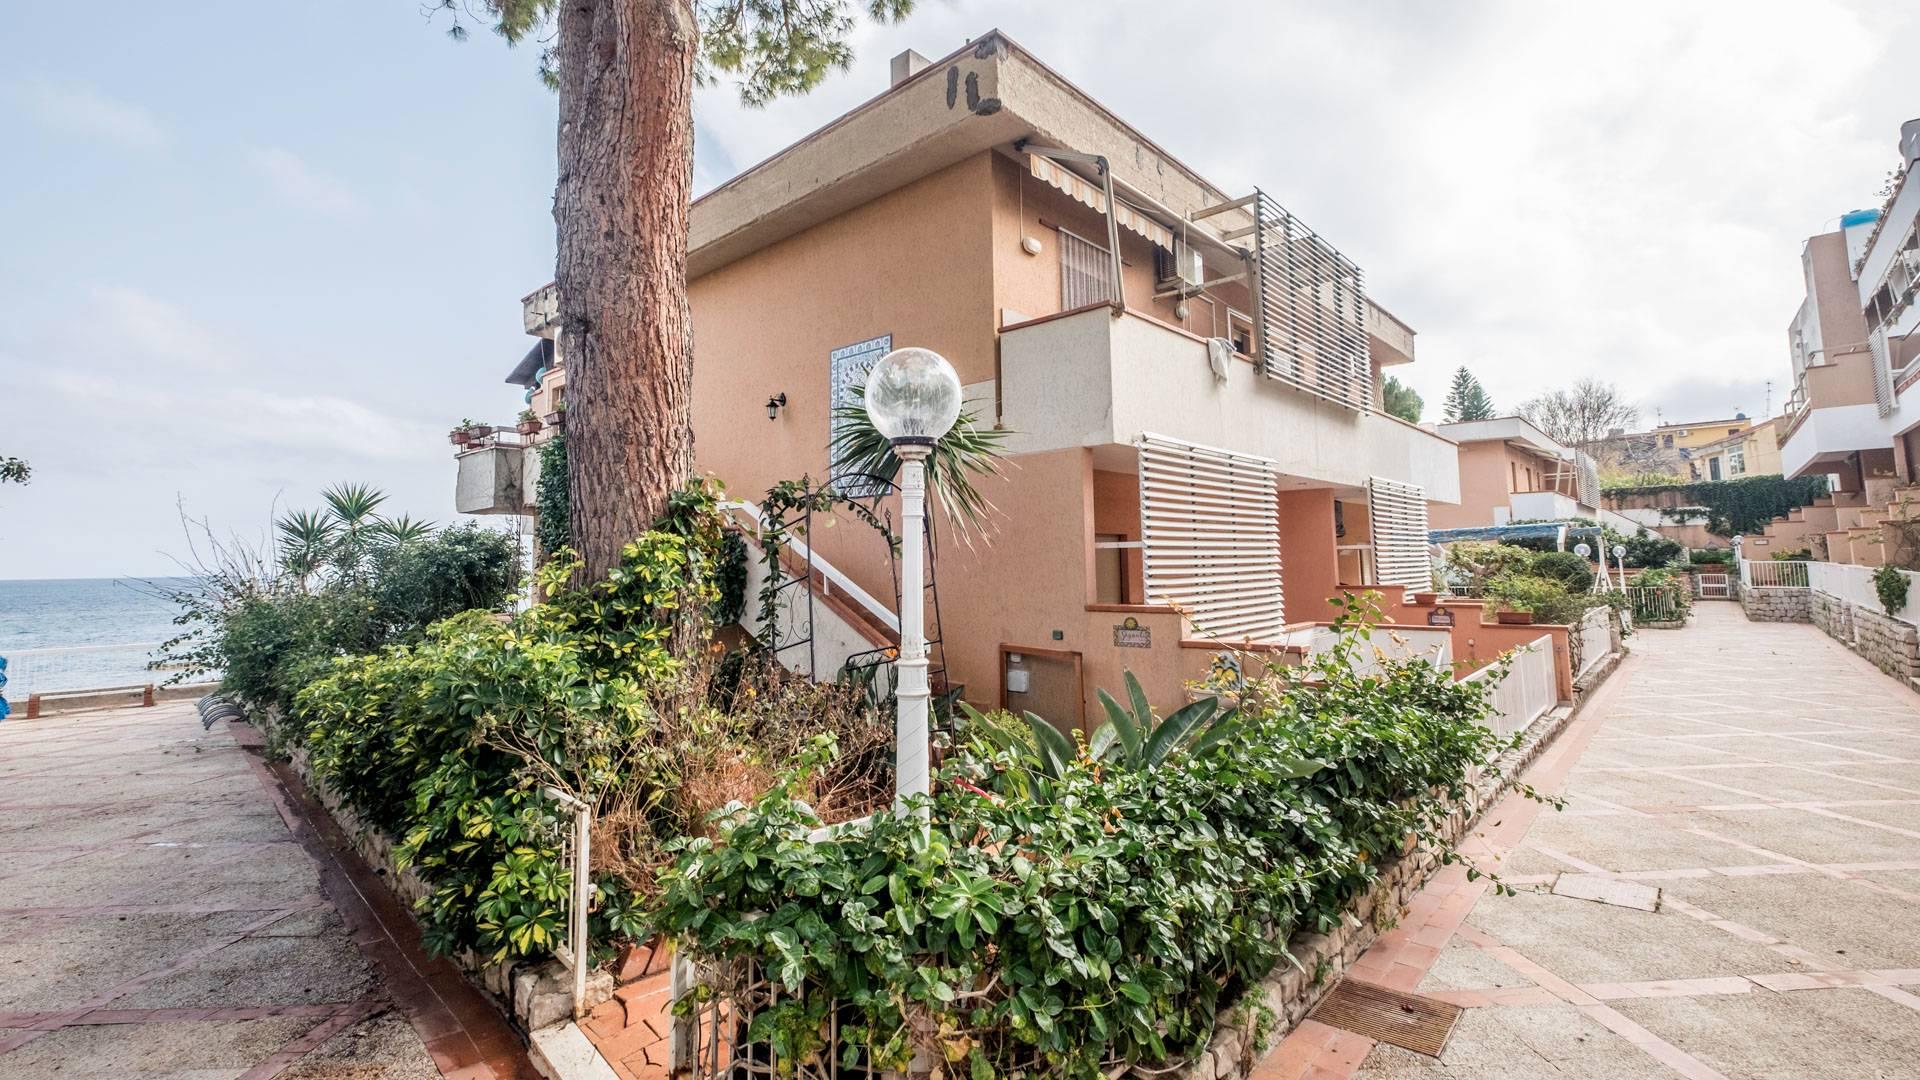 Villa in vendita a Trabia, 4 locali, prezzo € 229.000 | Cambio Casa.it